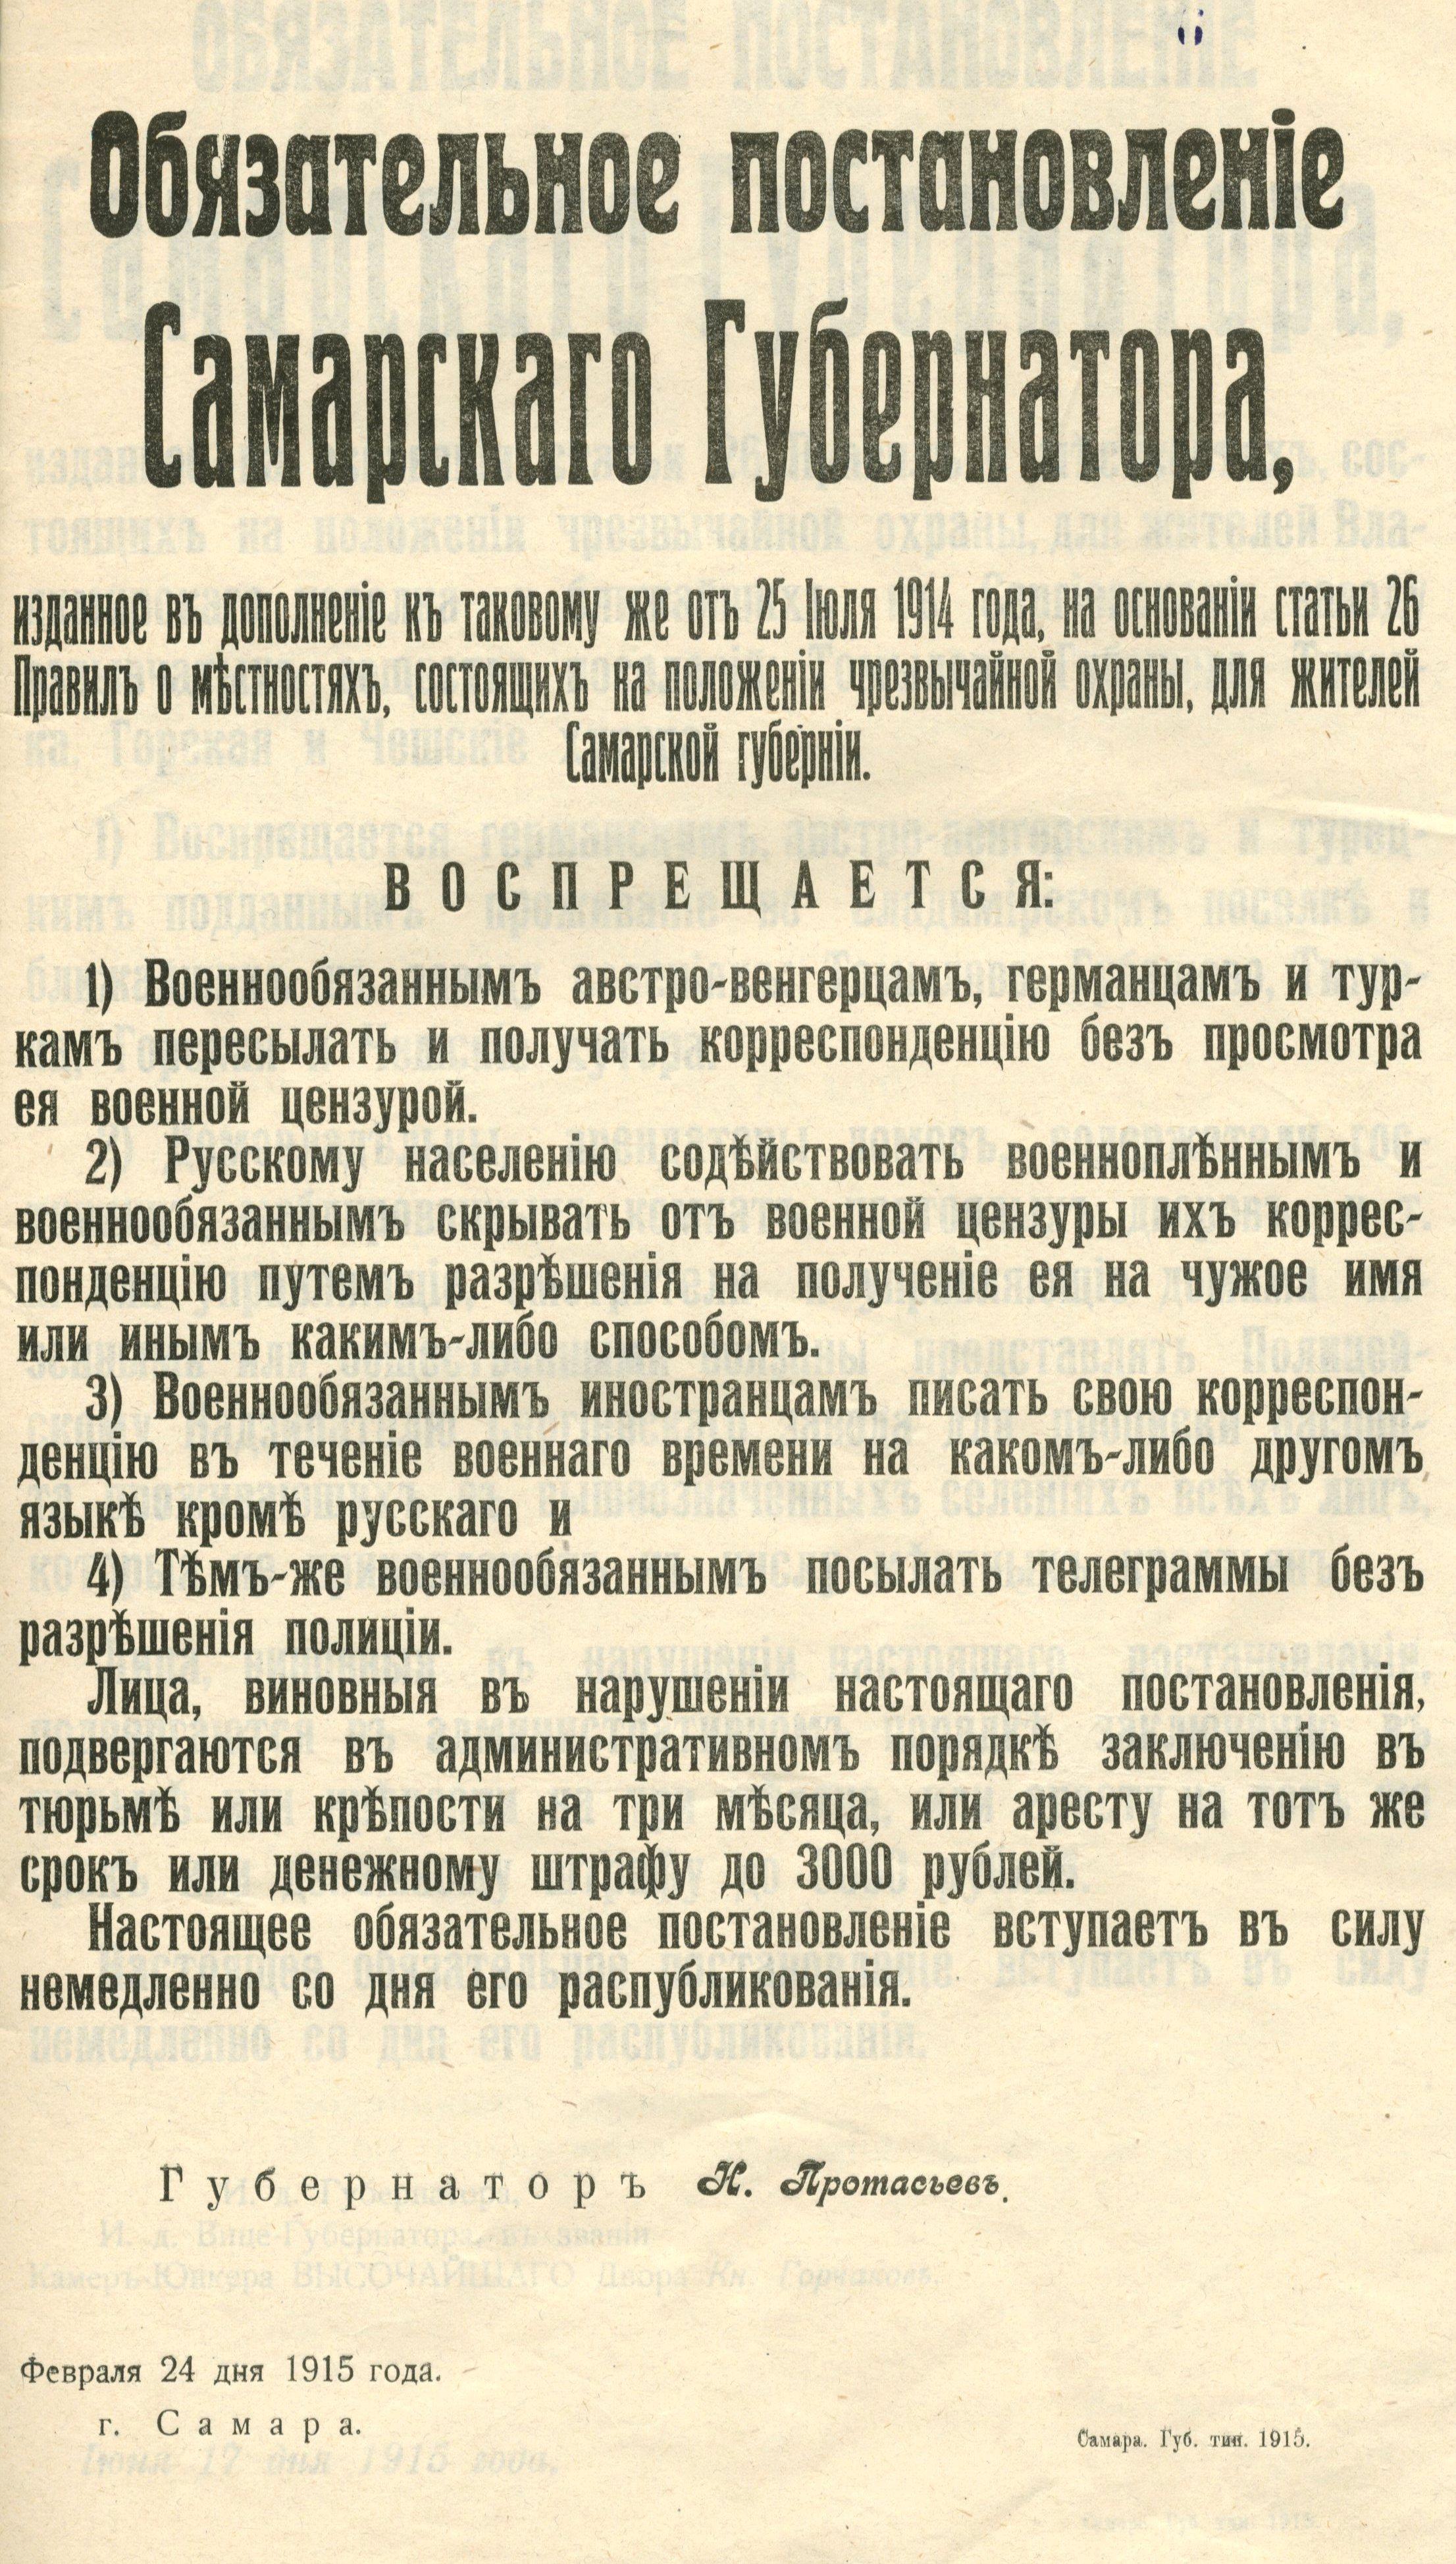 1915. Обязательное постановление самарского губернатора об ограничение переписки для военнопленных немецких армий. 24.02.